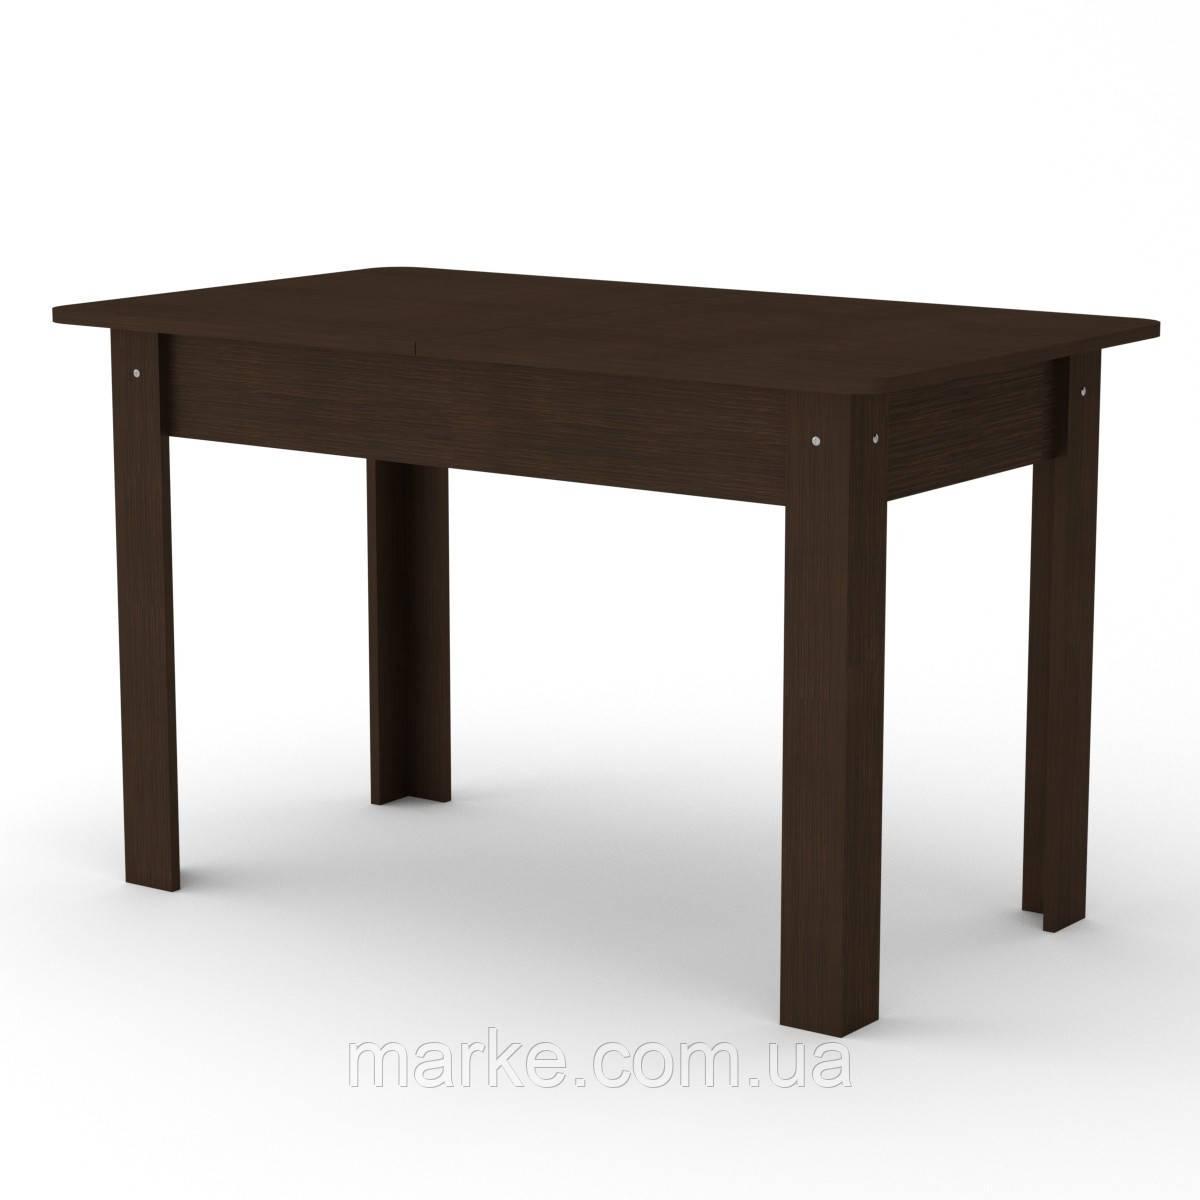 Кухонный стол 5